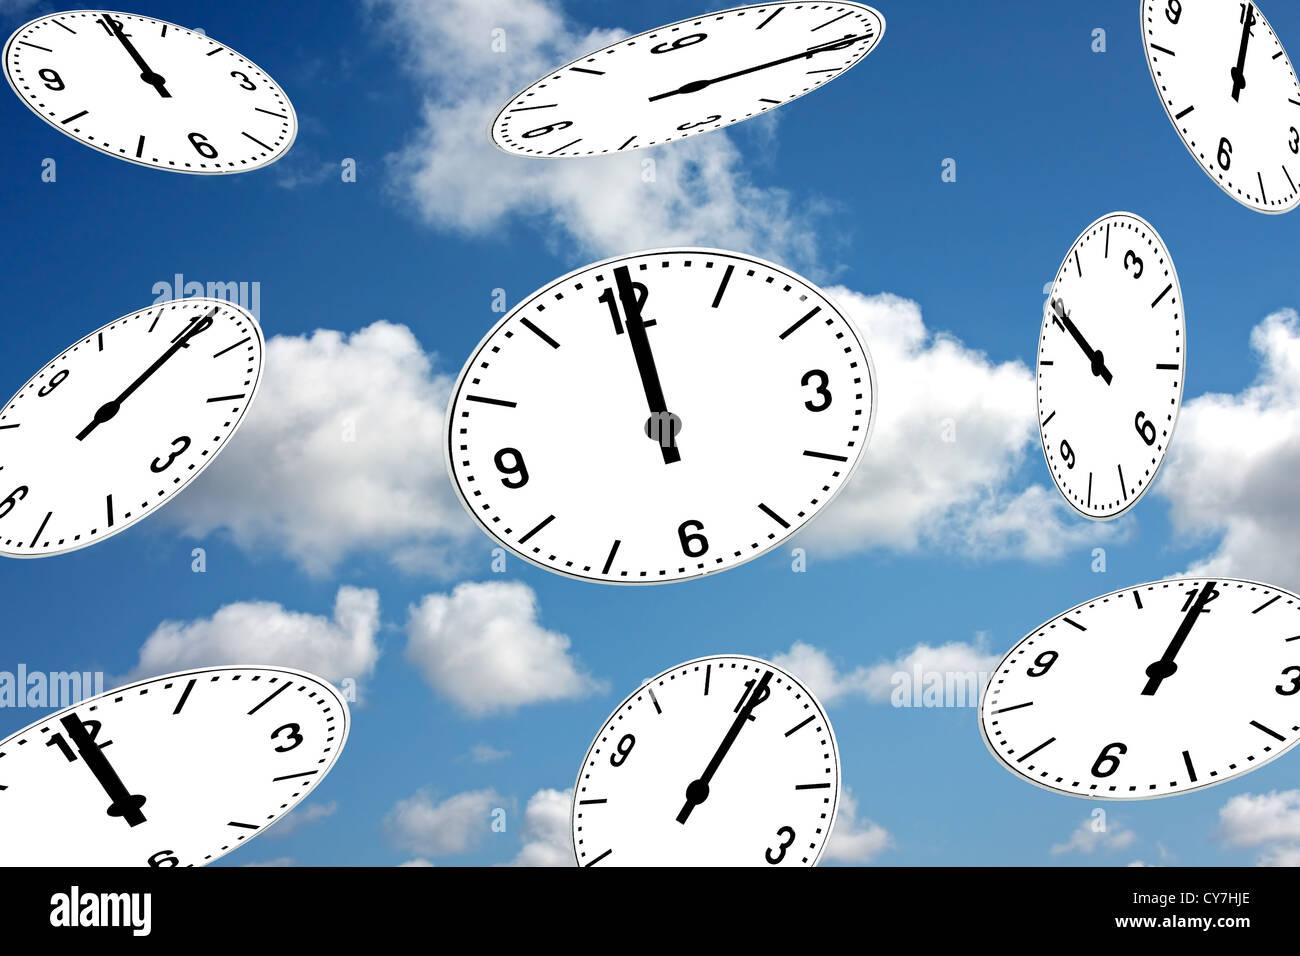 Happy New Year! It's twelve o'clock - Stock Image